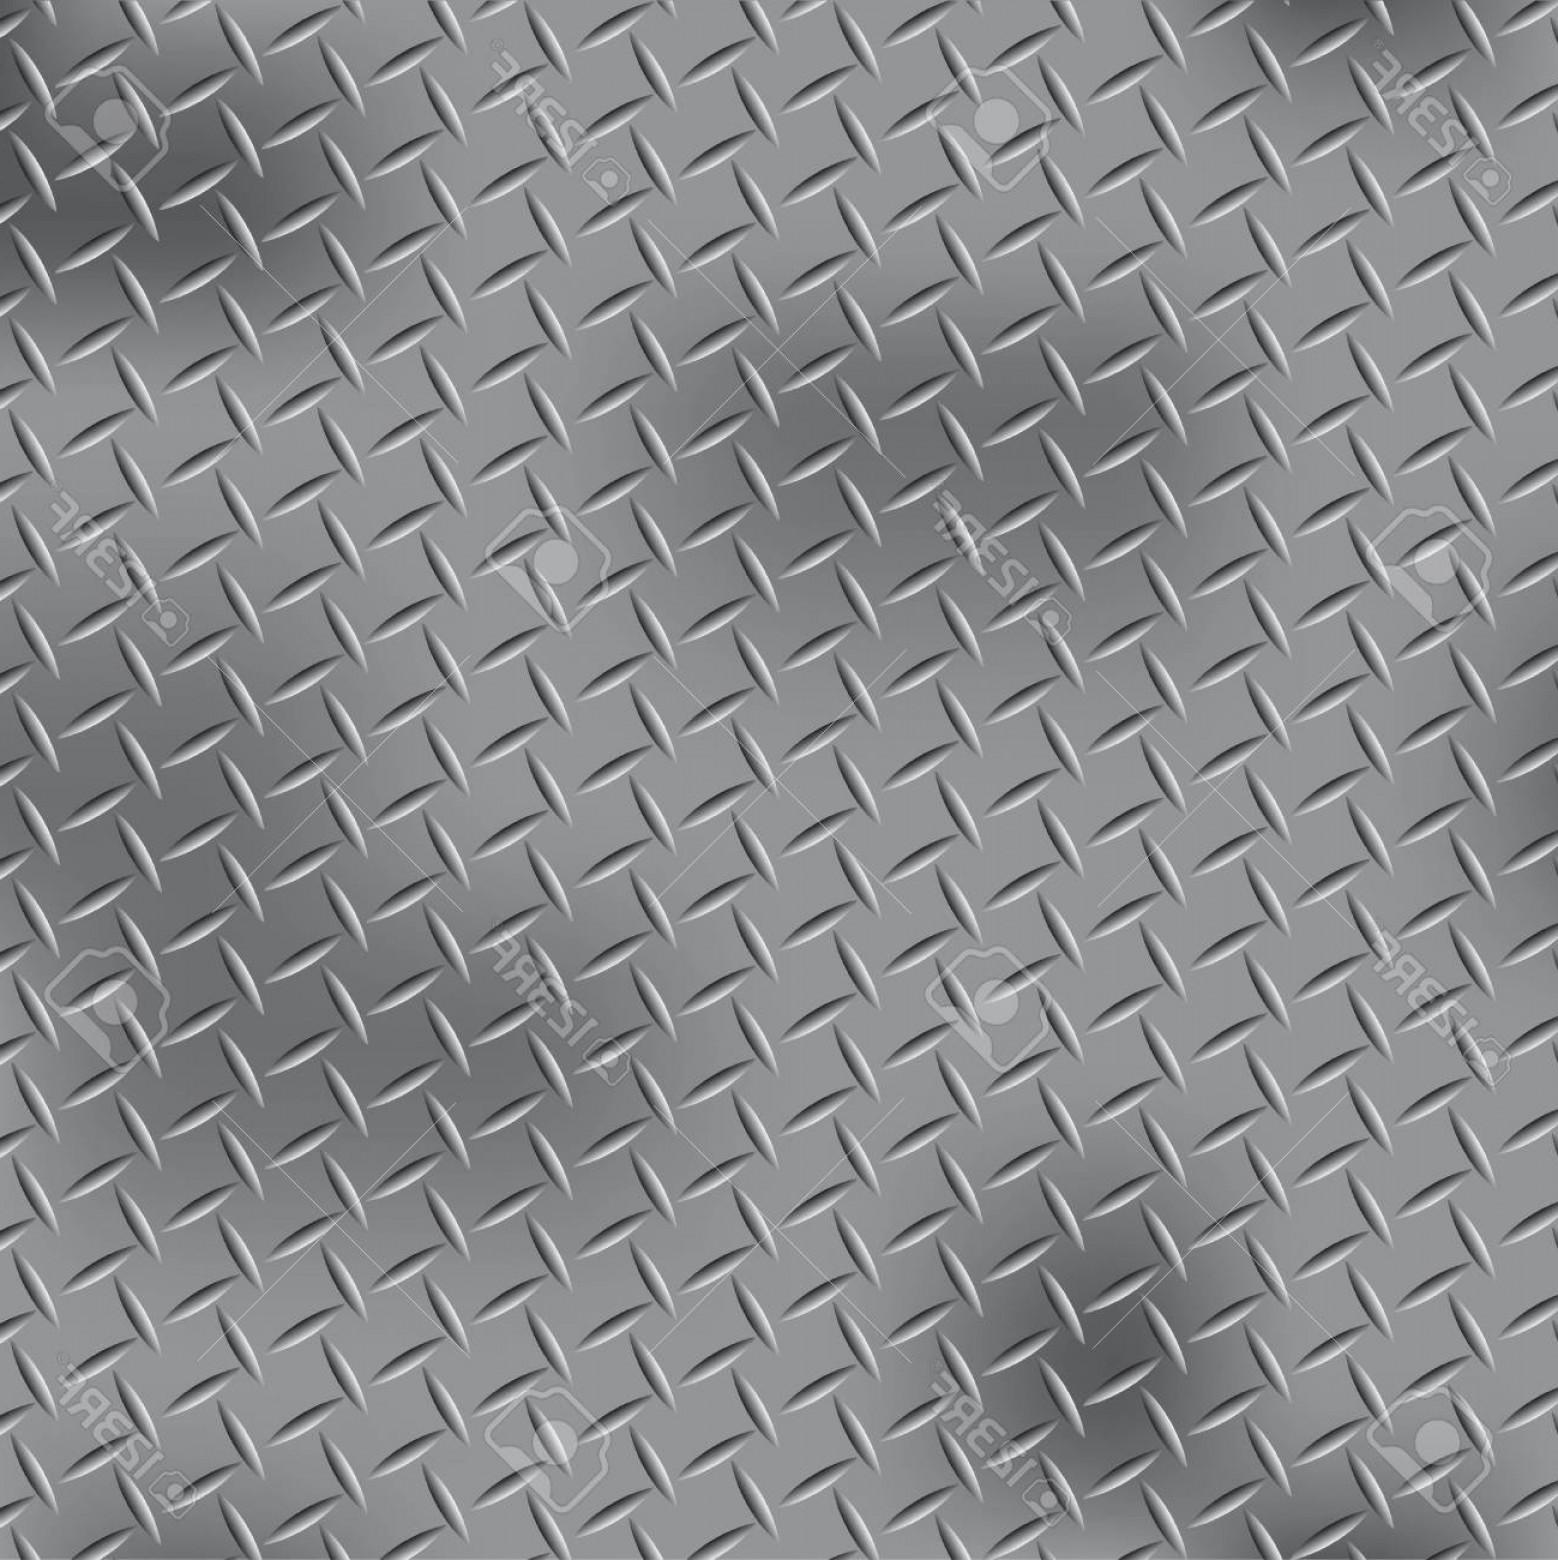 Photostock Vector Steel Diamond Plate Pattern   CreateMePink